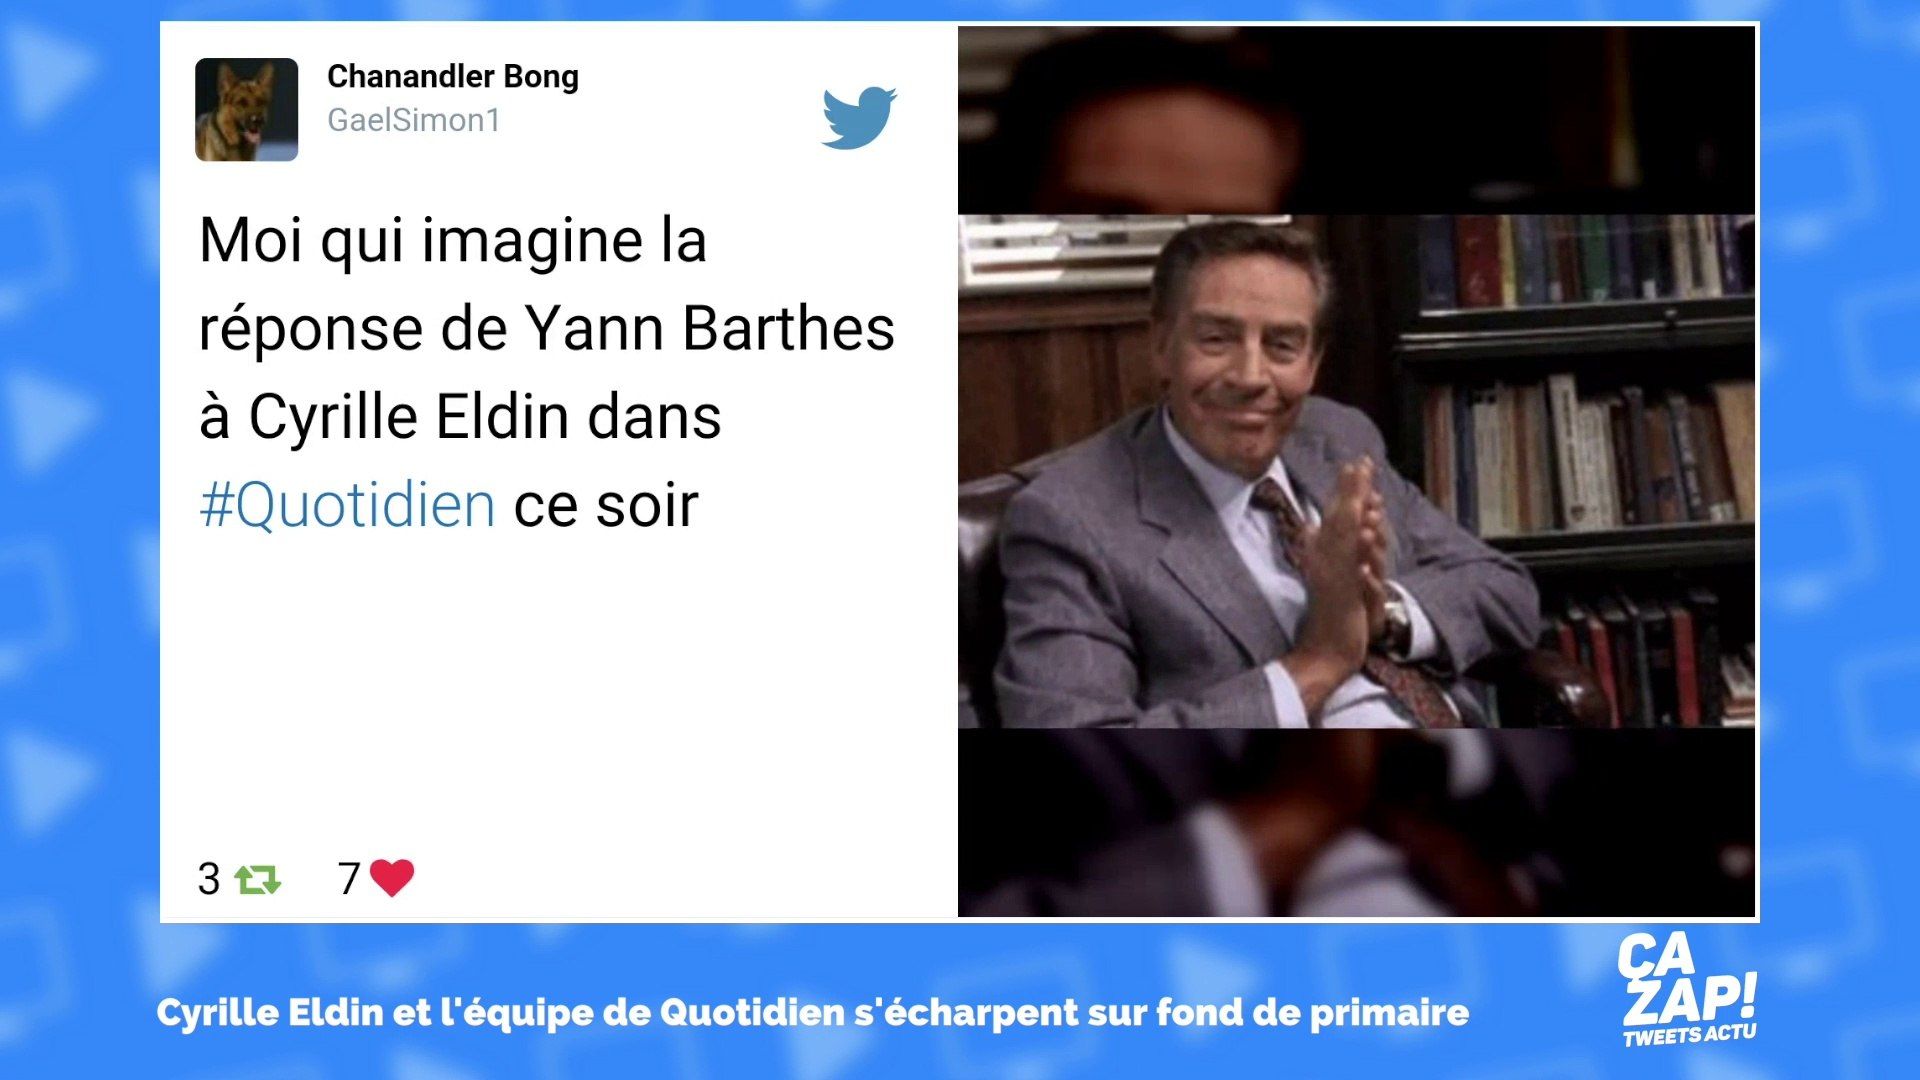 Clash entre Cyrille Eldin et Camille Crosnier de Quotidien : les internautes réagissent !